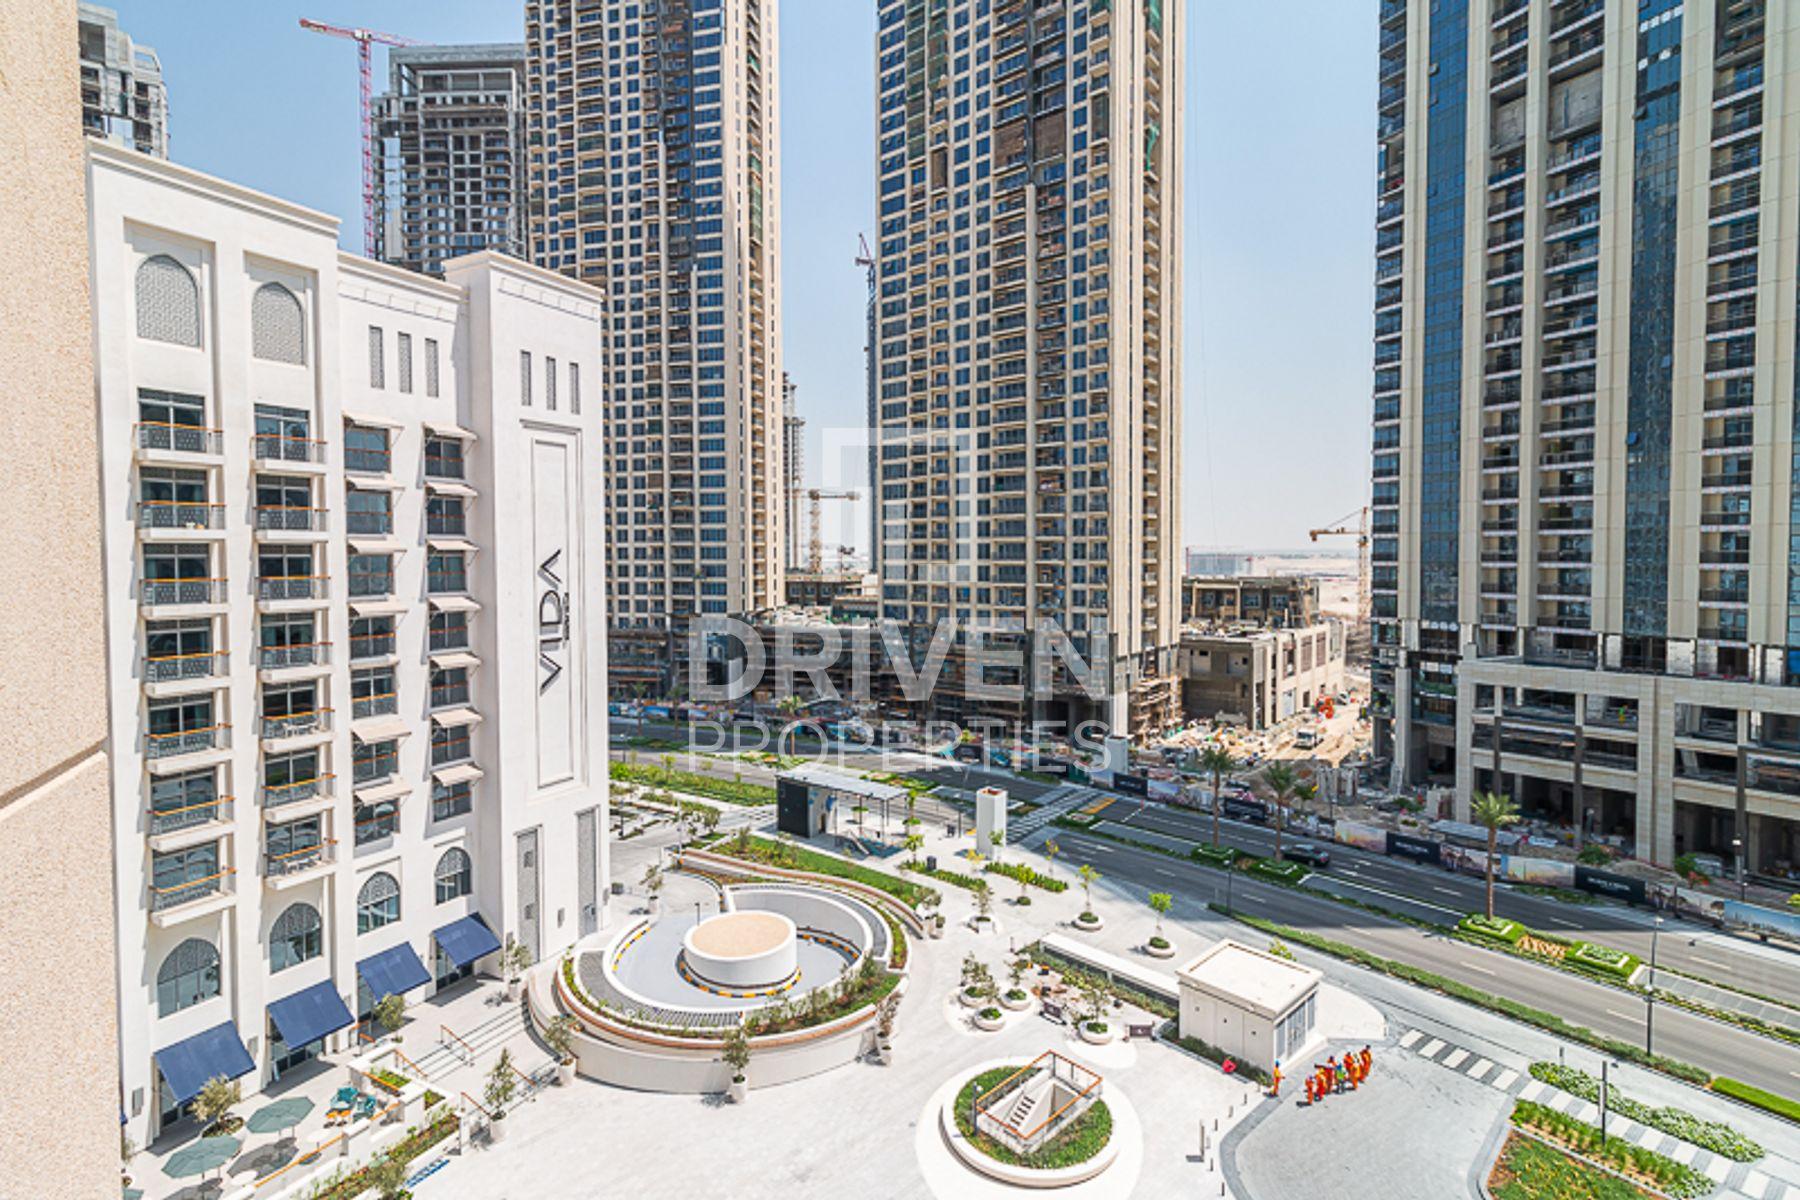 للبيع - شقة - خور دبي ريزيدنس برج 1 جنوب - ميناء خور دبي